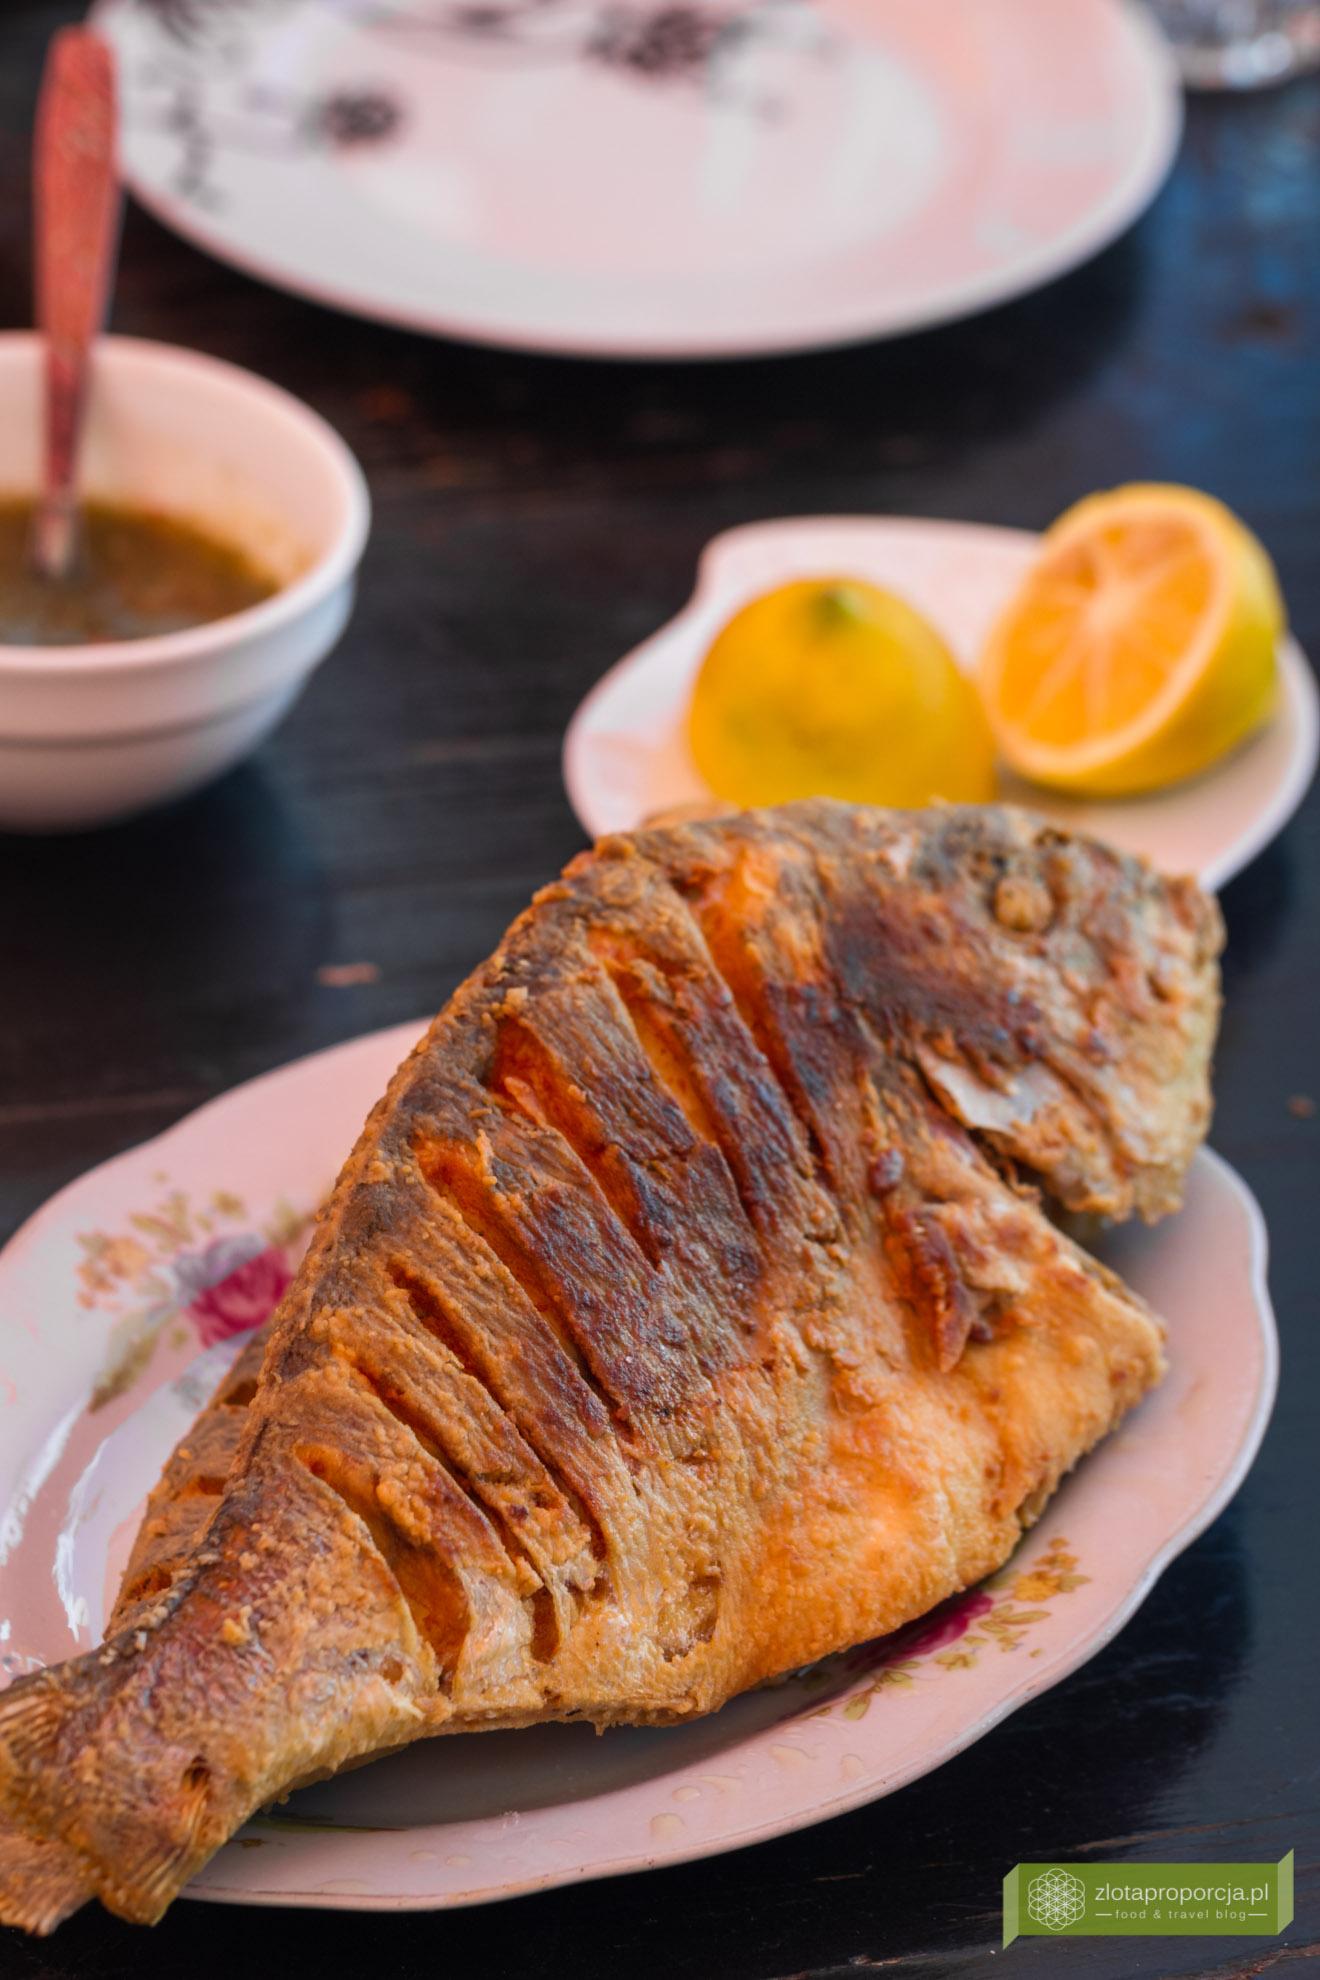 Gruzja, kuchnia gruzińska, gruzińskie potrawy, co zjeść w Gruzji; ryba na targu z Batumi